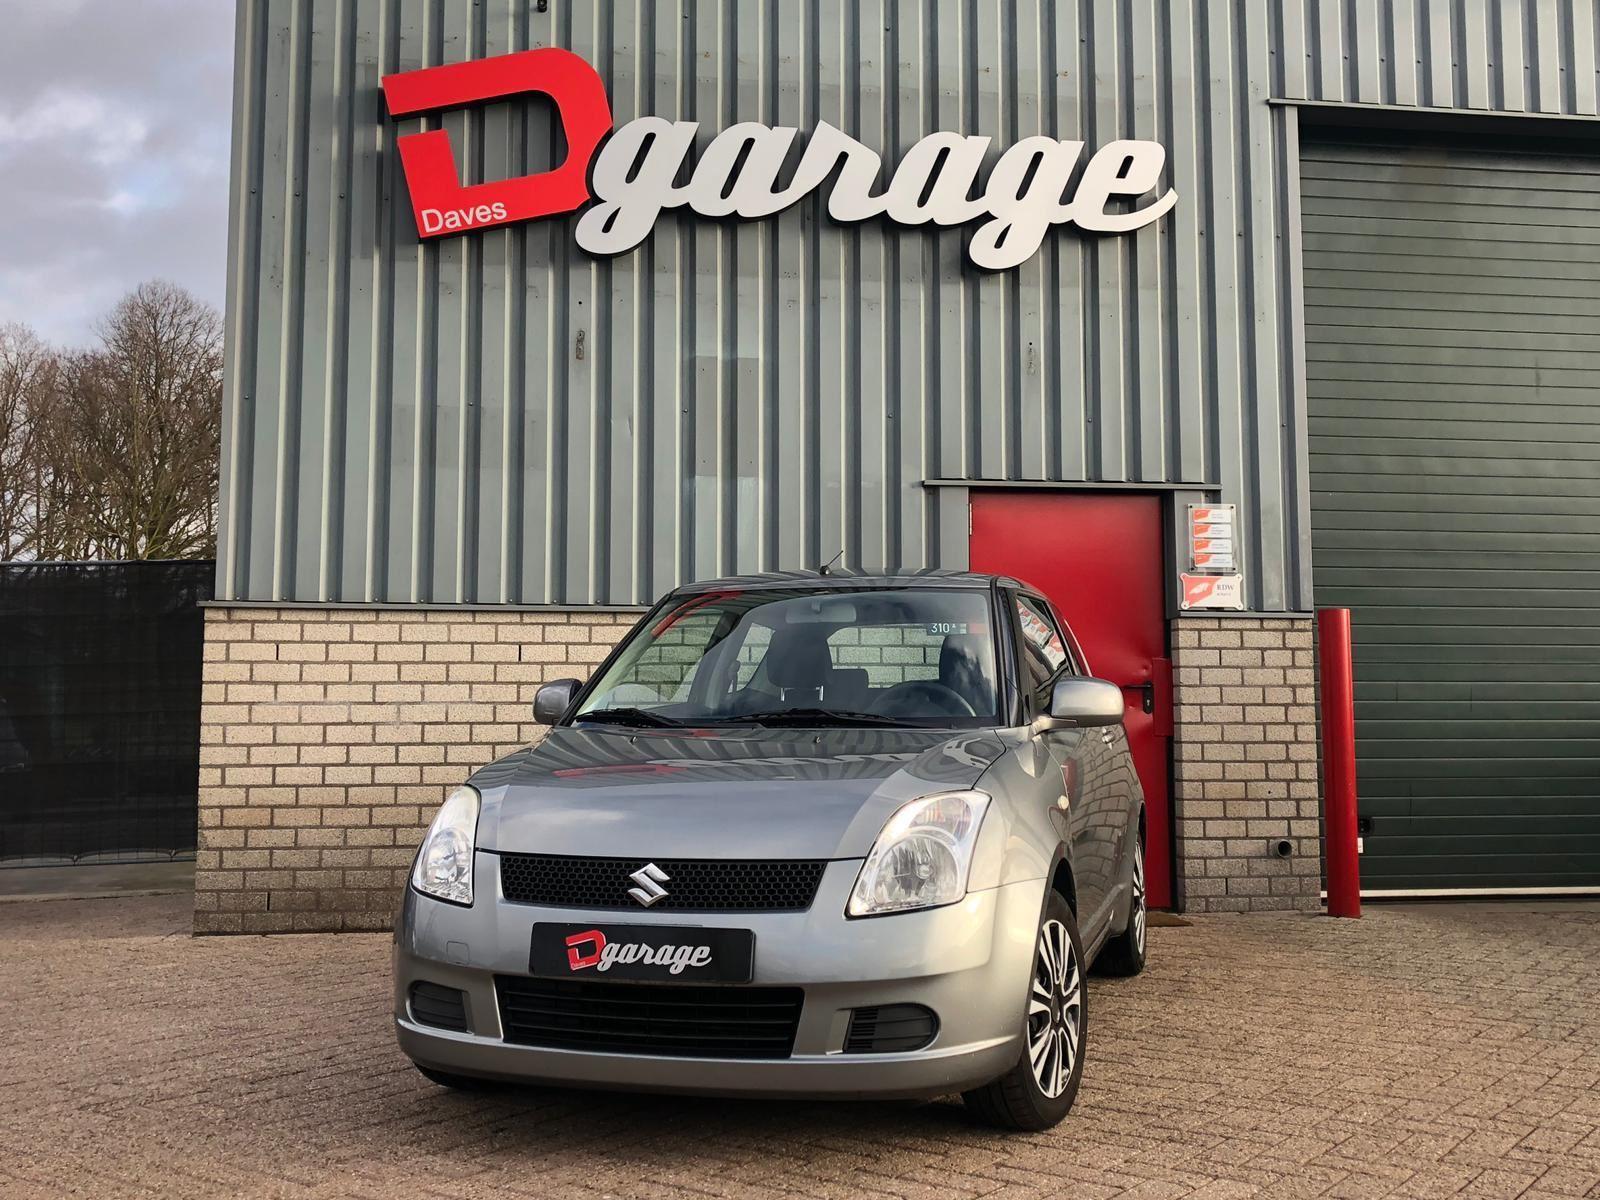 Suzuki Swift occasion - Dave's Garage